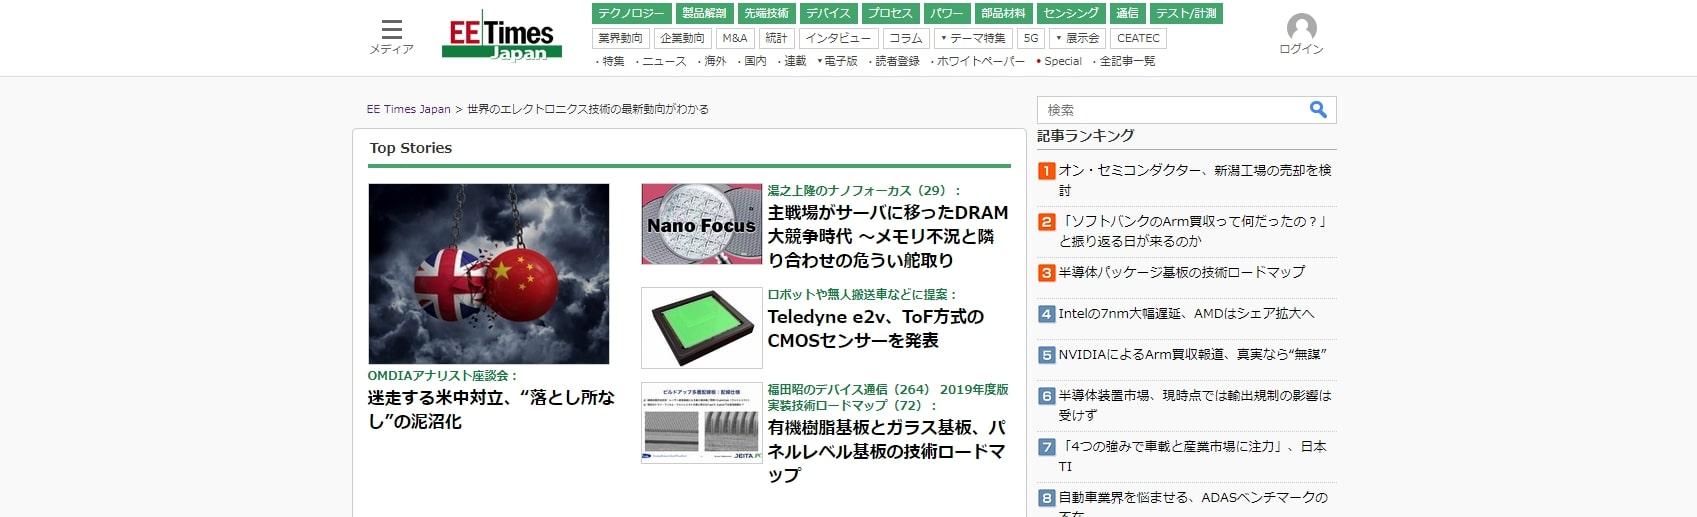 EE Times Japan